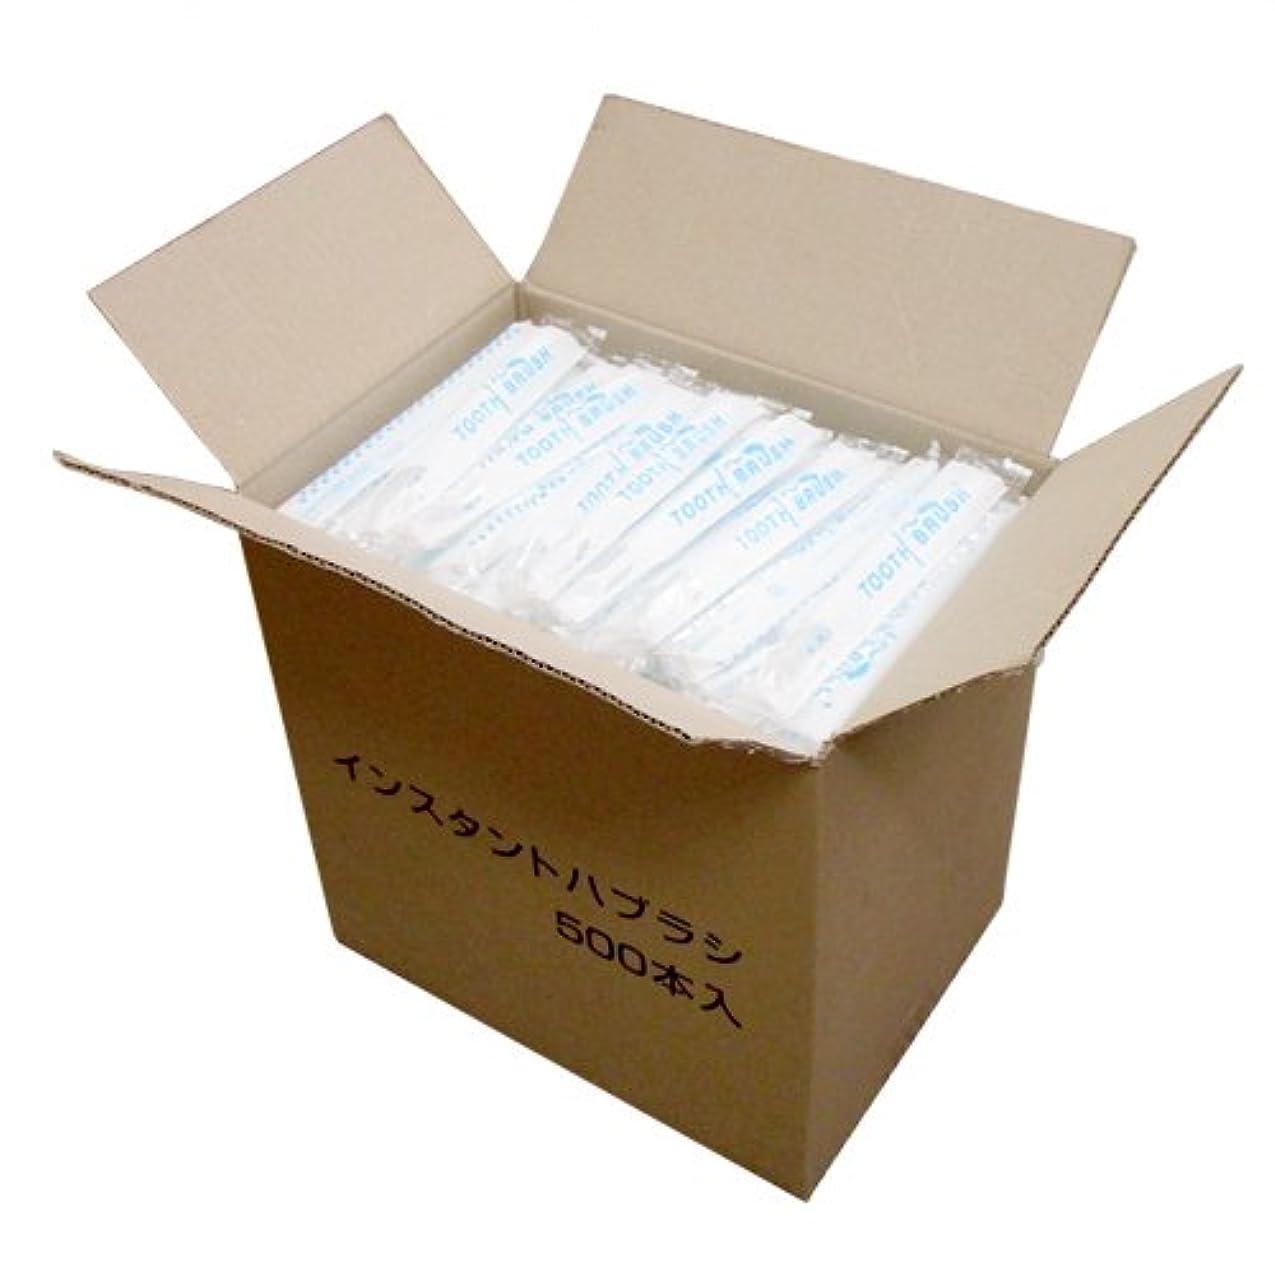 持続するまた明日ねモーター業務用 日本製 使い捨て粉付き歯ブラシ 個包装タイプ 500本入×1箱│ホテルアメニティ